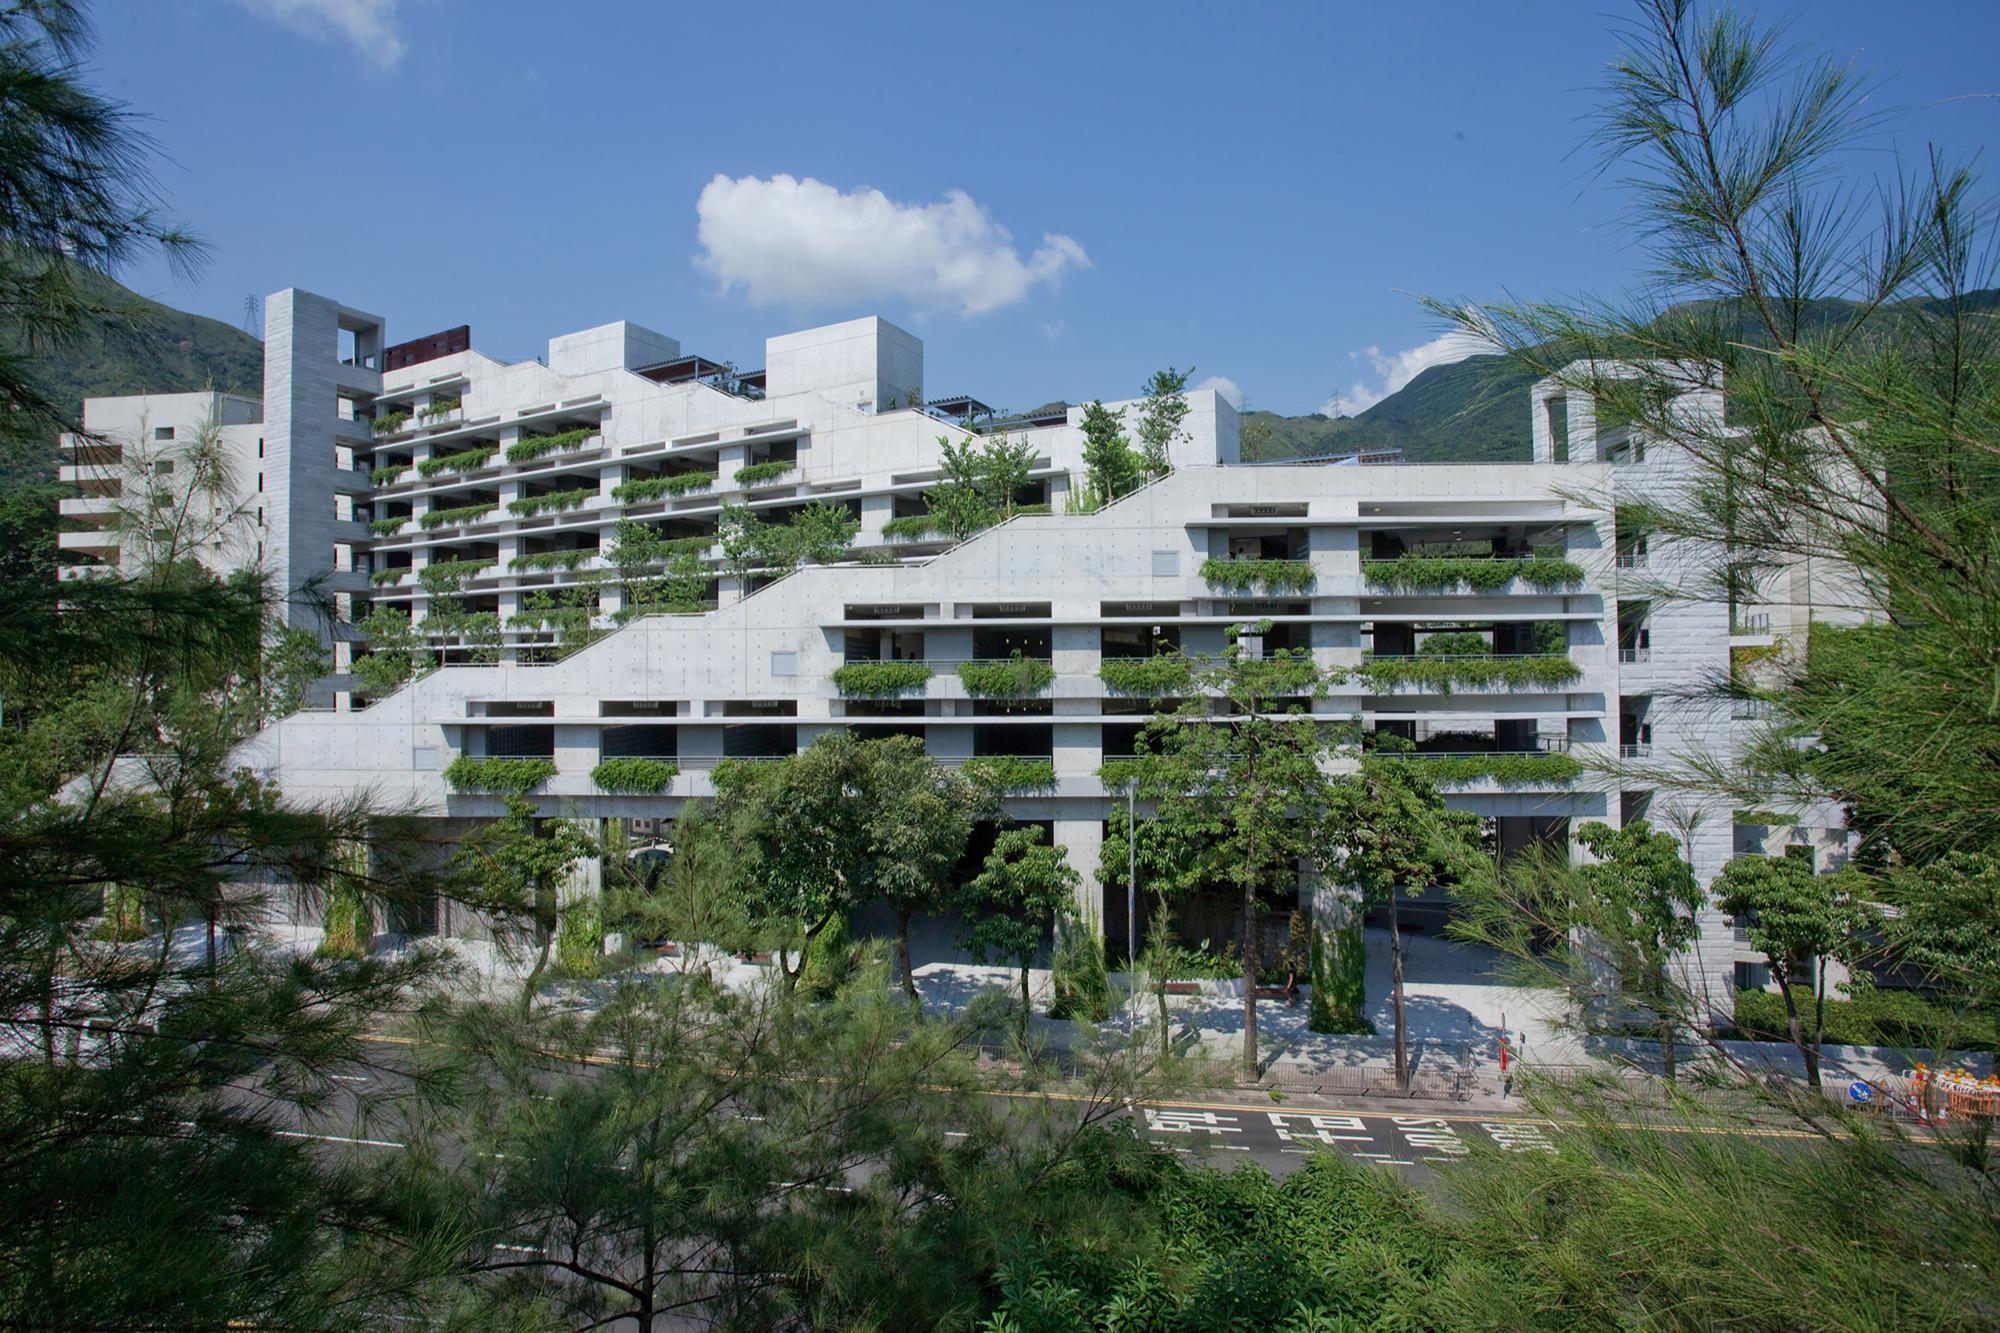 Diamond Hill Columbarium Architectural Services Department